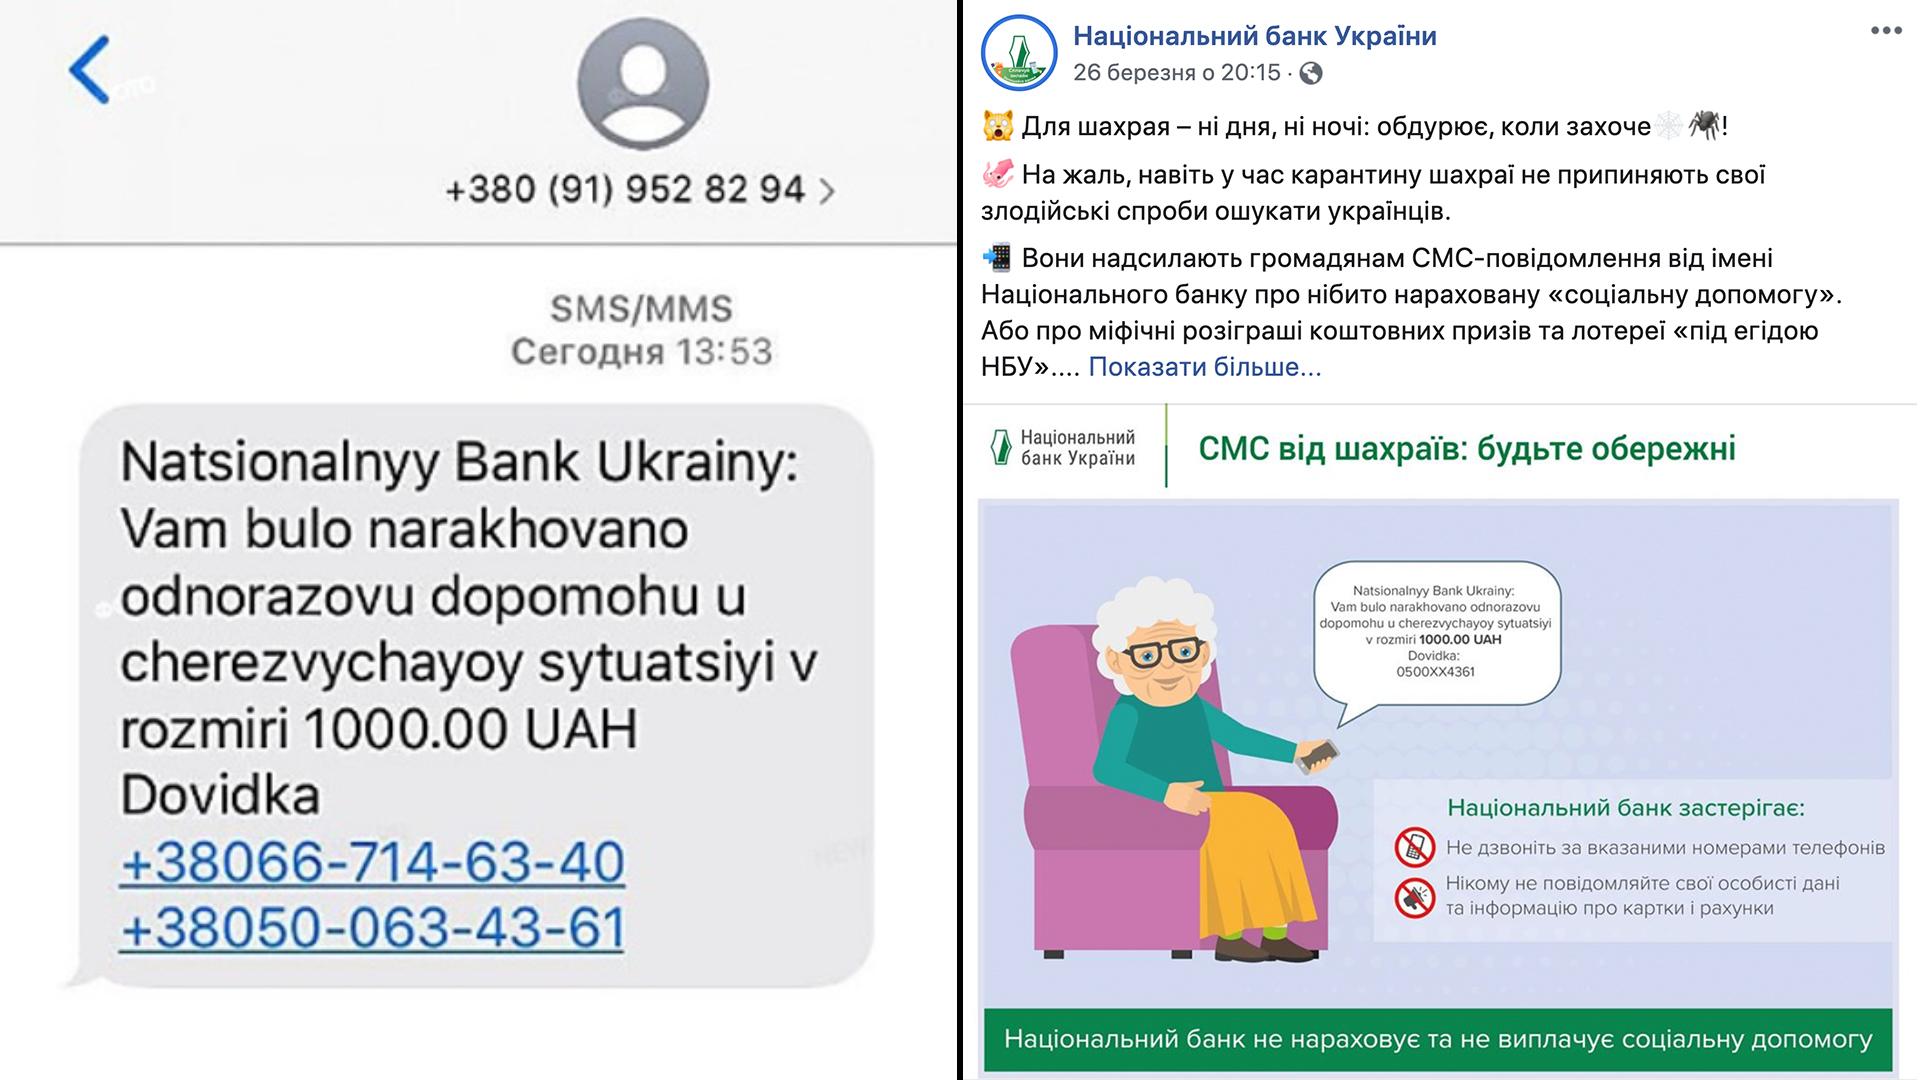 SMS пенсіонерам про «Вовину» тисячу